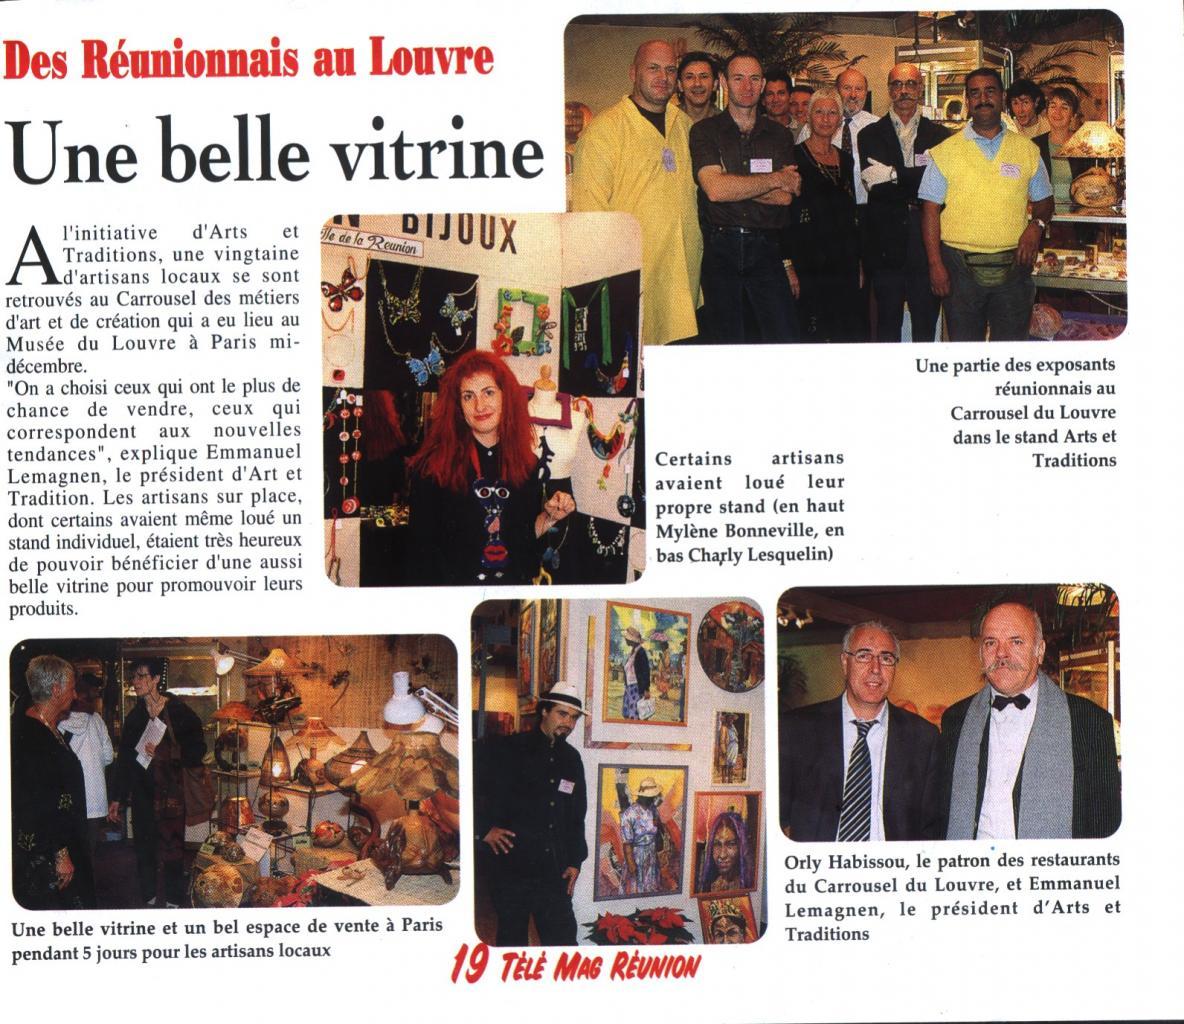 Carrousel des Métiers d'Art Paris /  Louvre 2002 (article du Magazine Tele Mag)